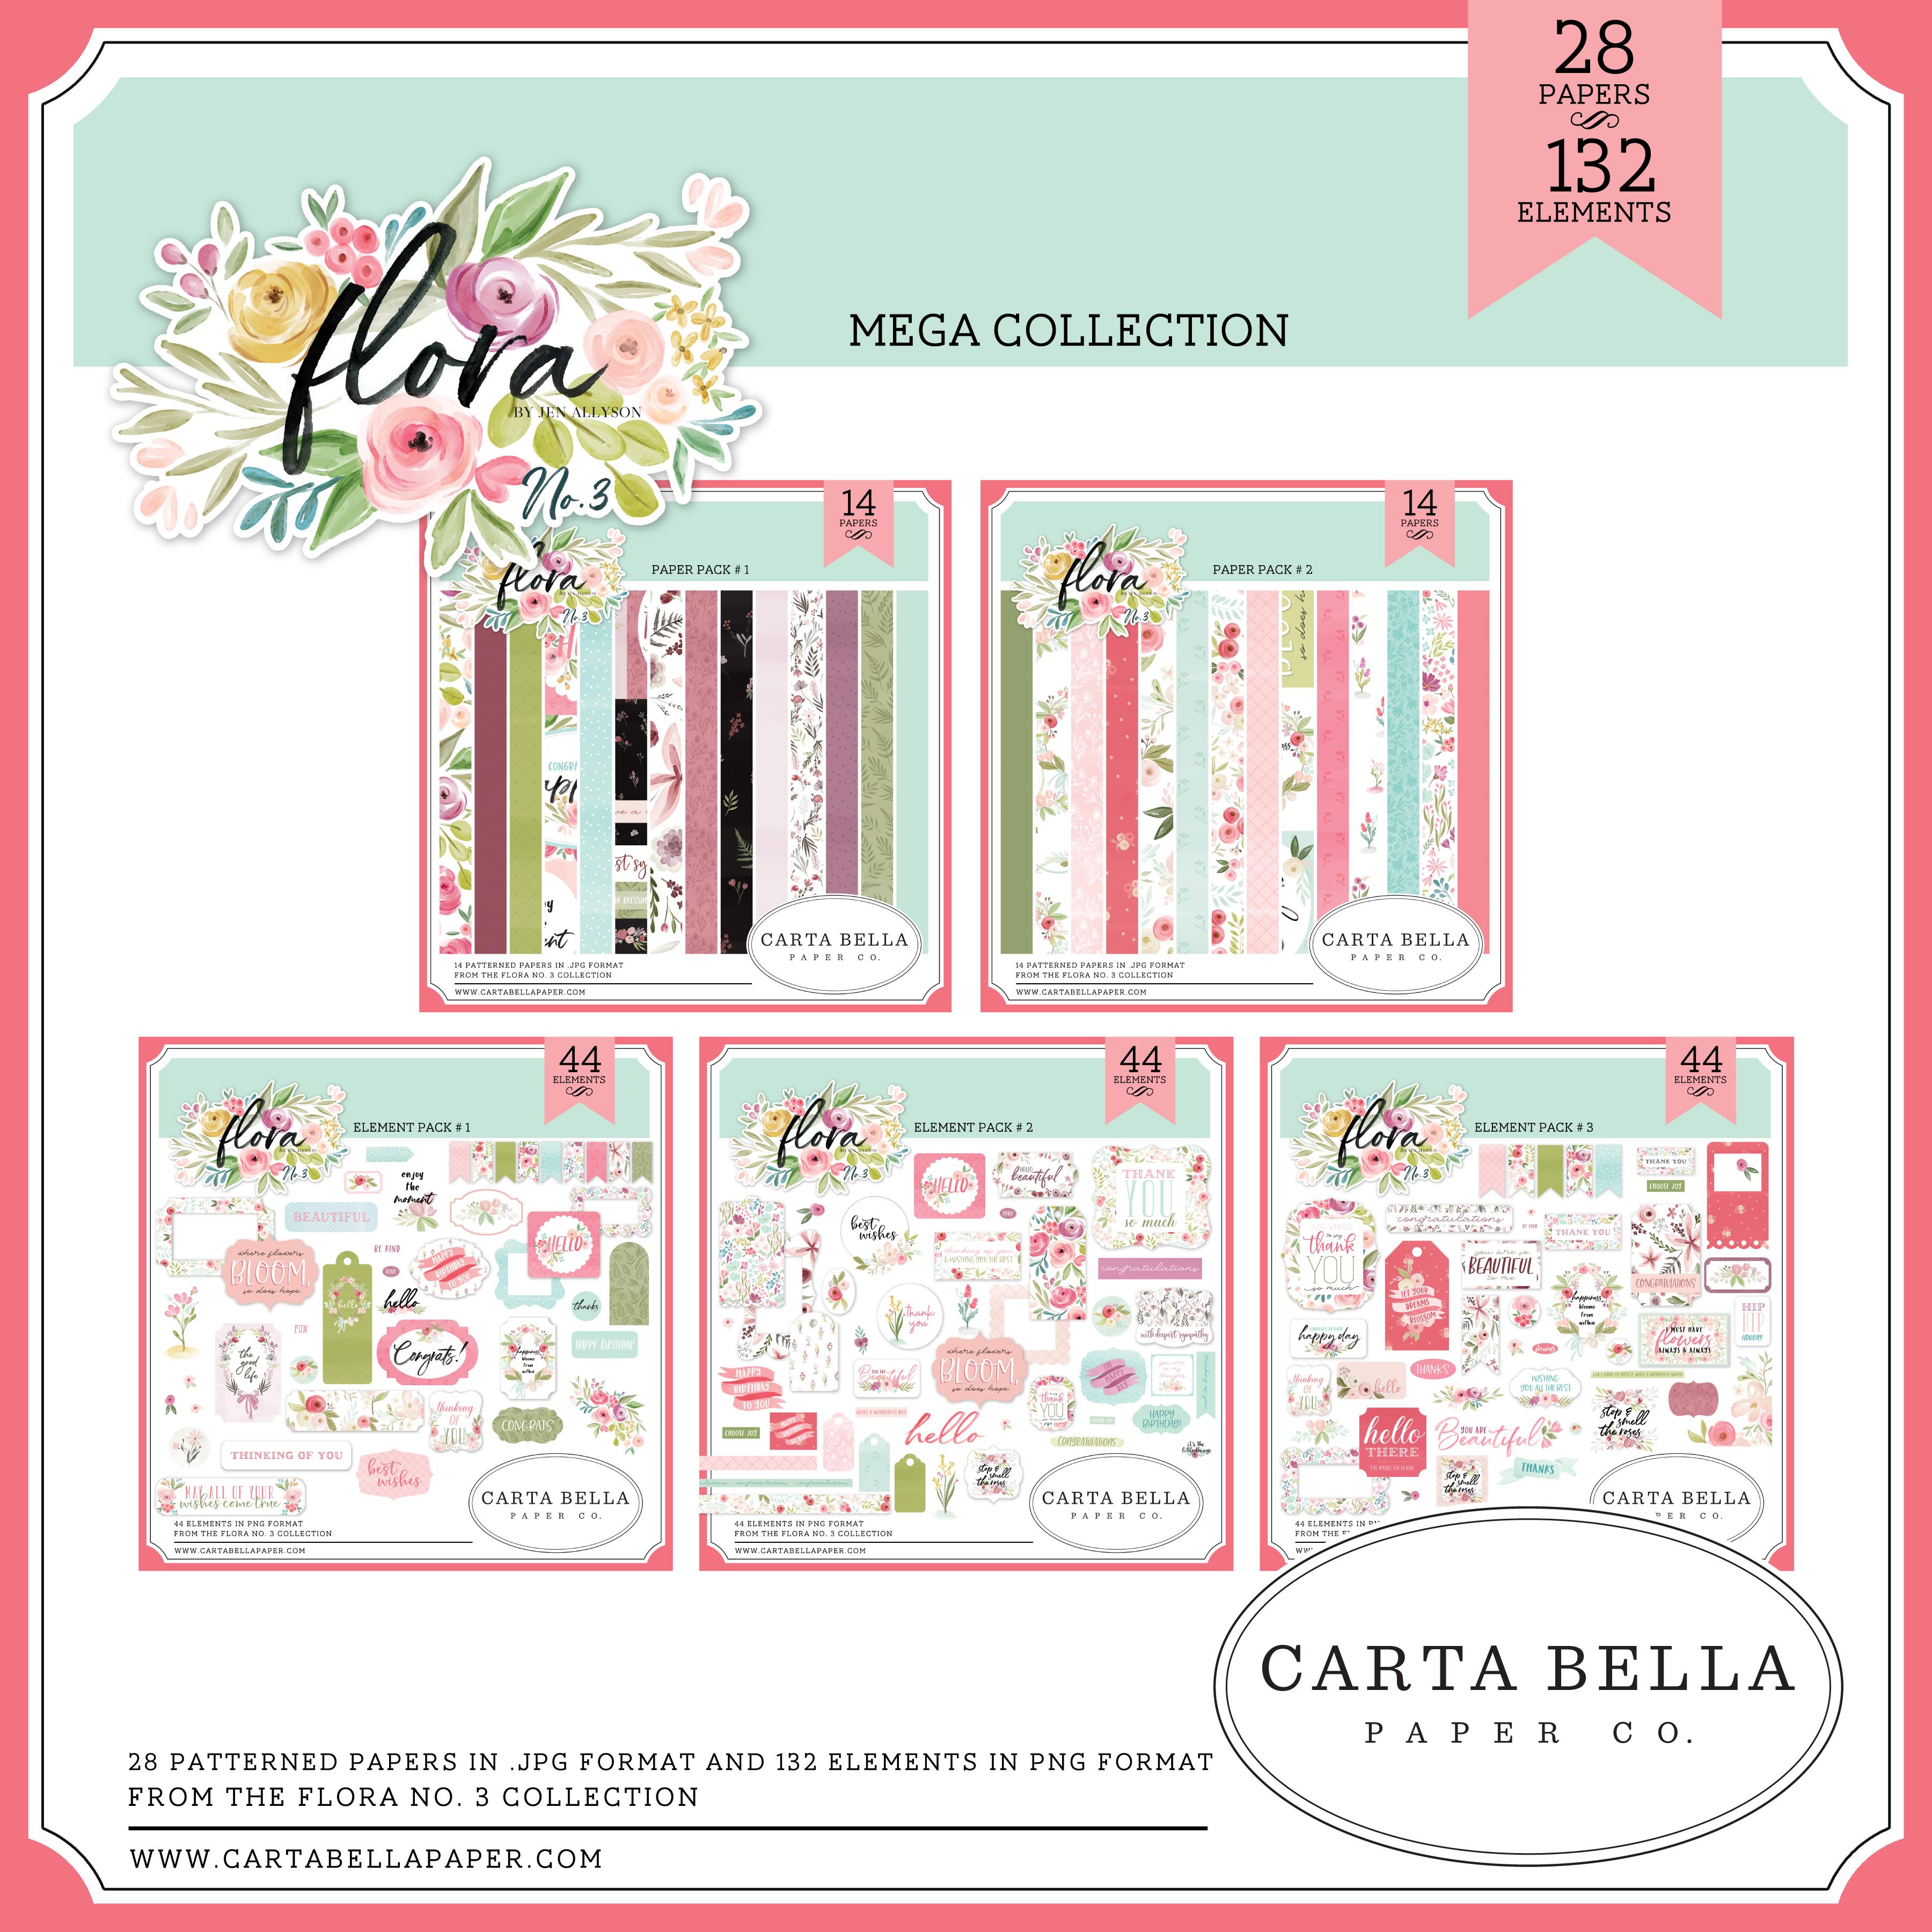 Flora No. 3 Mega Collection